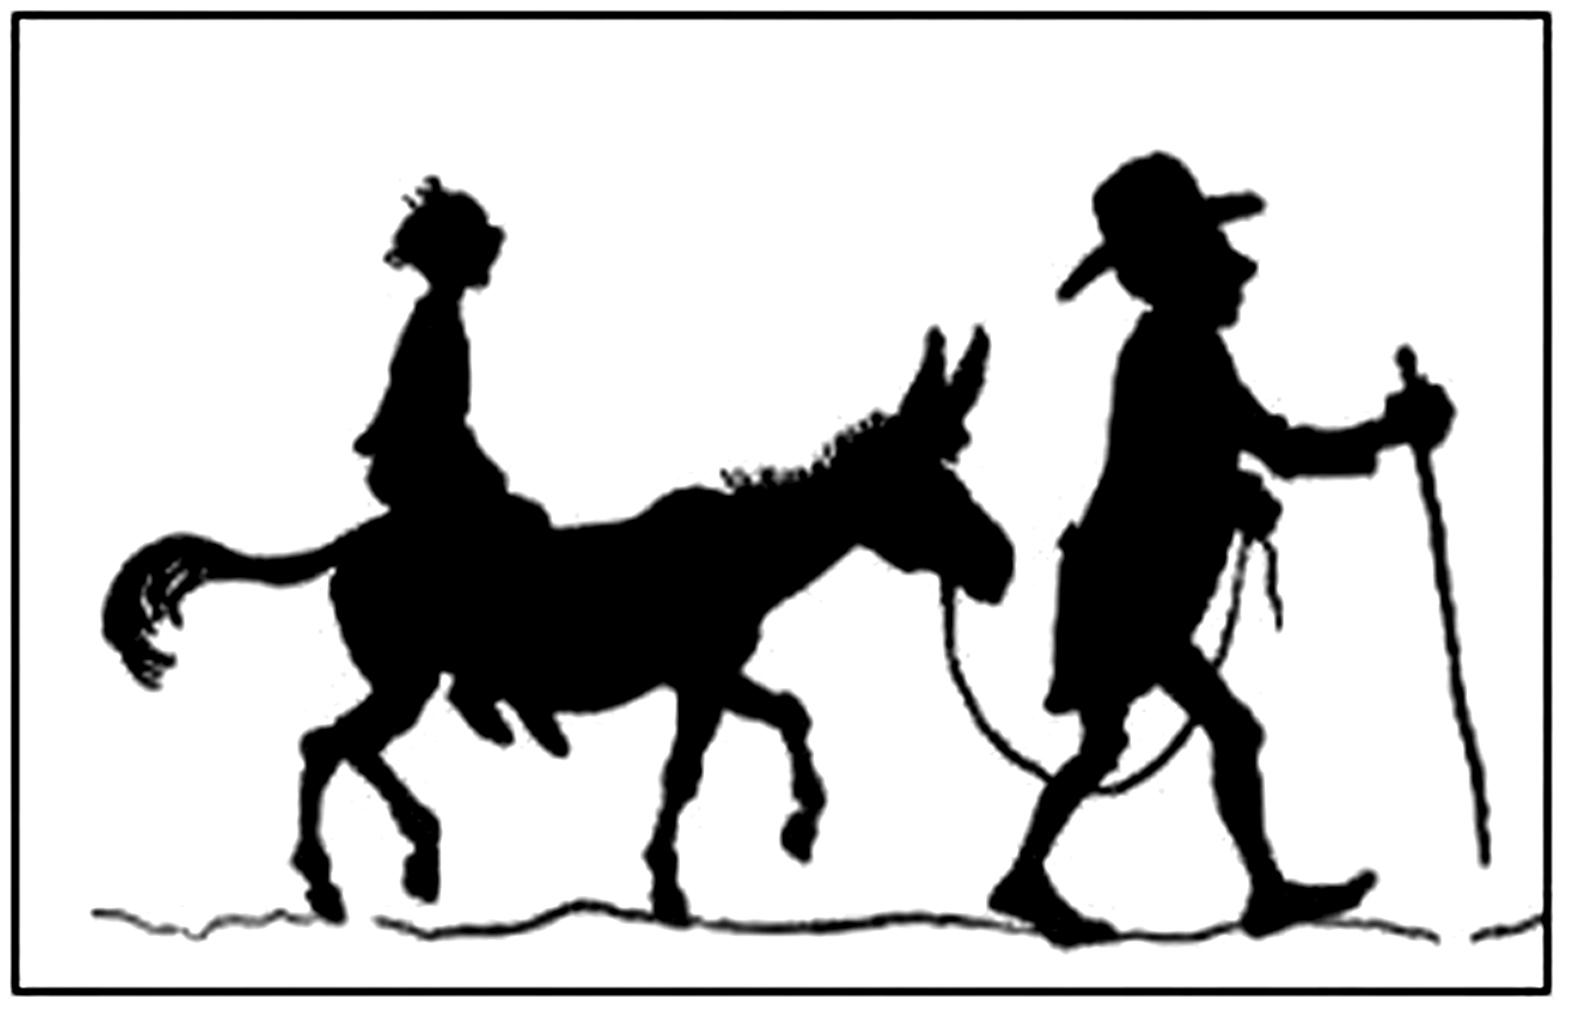 O-velho-o-menino-e-o-burro-matraca-10-10-11